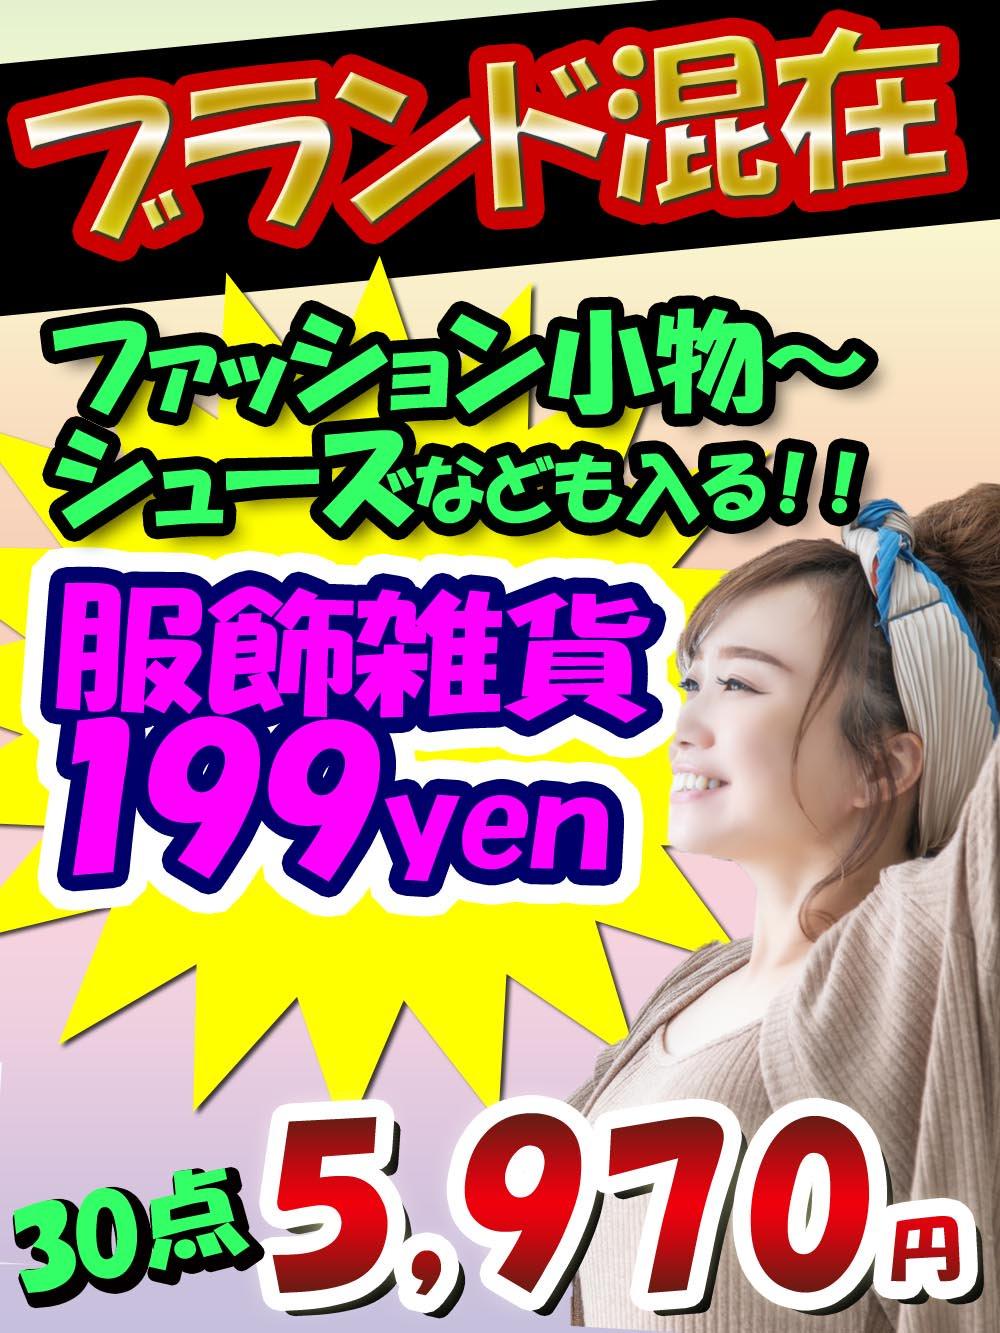 【ブランド込でALL199円 】めちゃ得!儲かる服飾雑貨アラカルト 30点